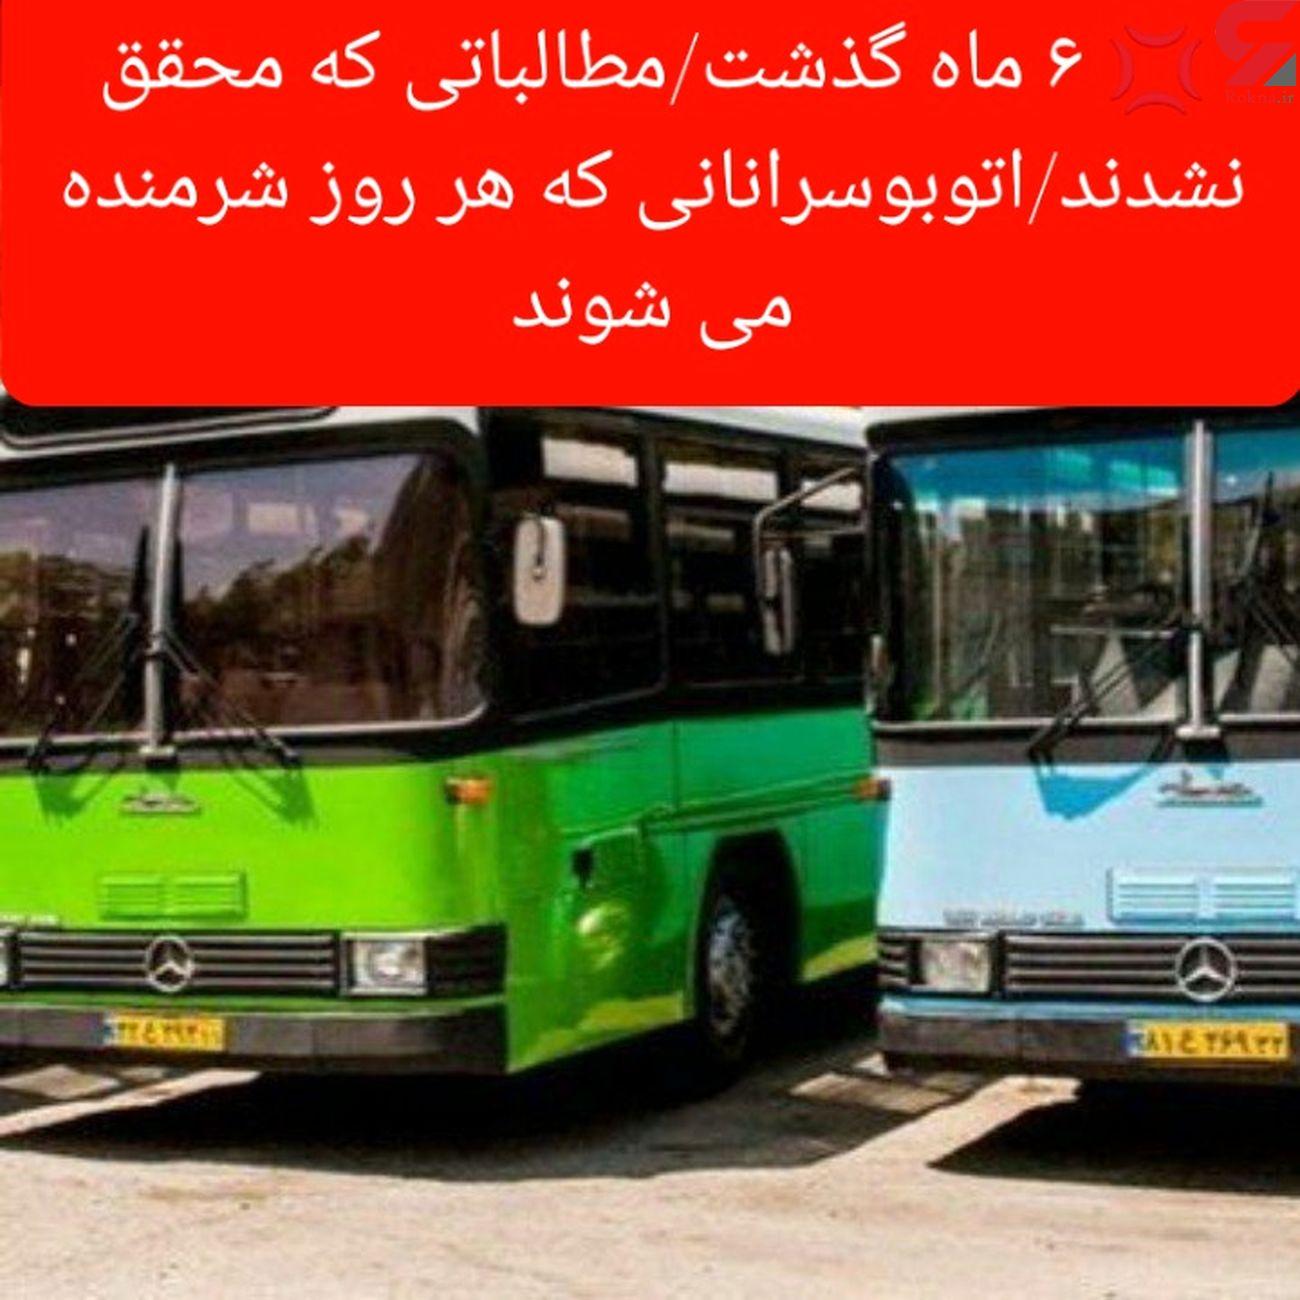 اتوبوسرانانی که هر روز شرمنده خانوادهایشان می شوند